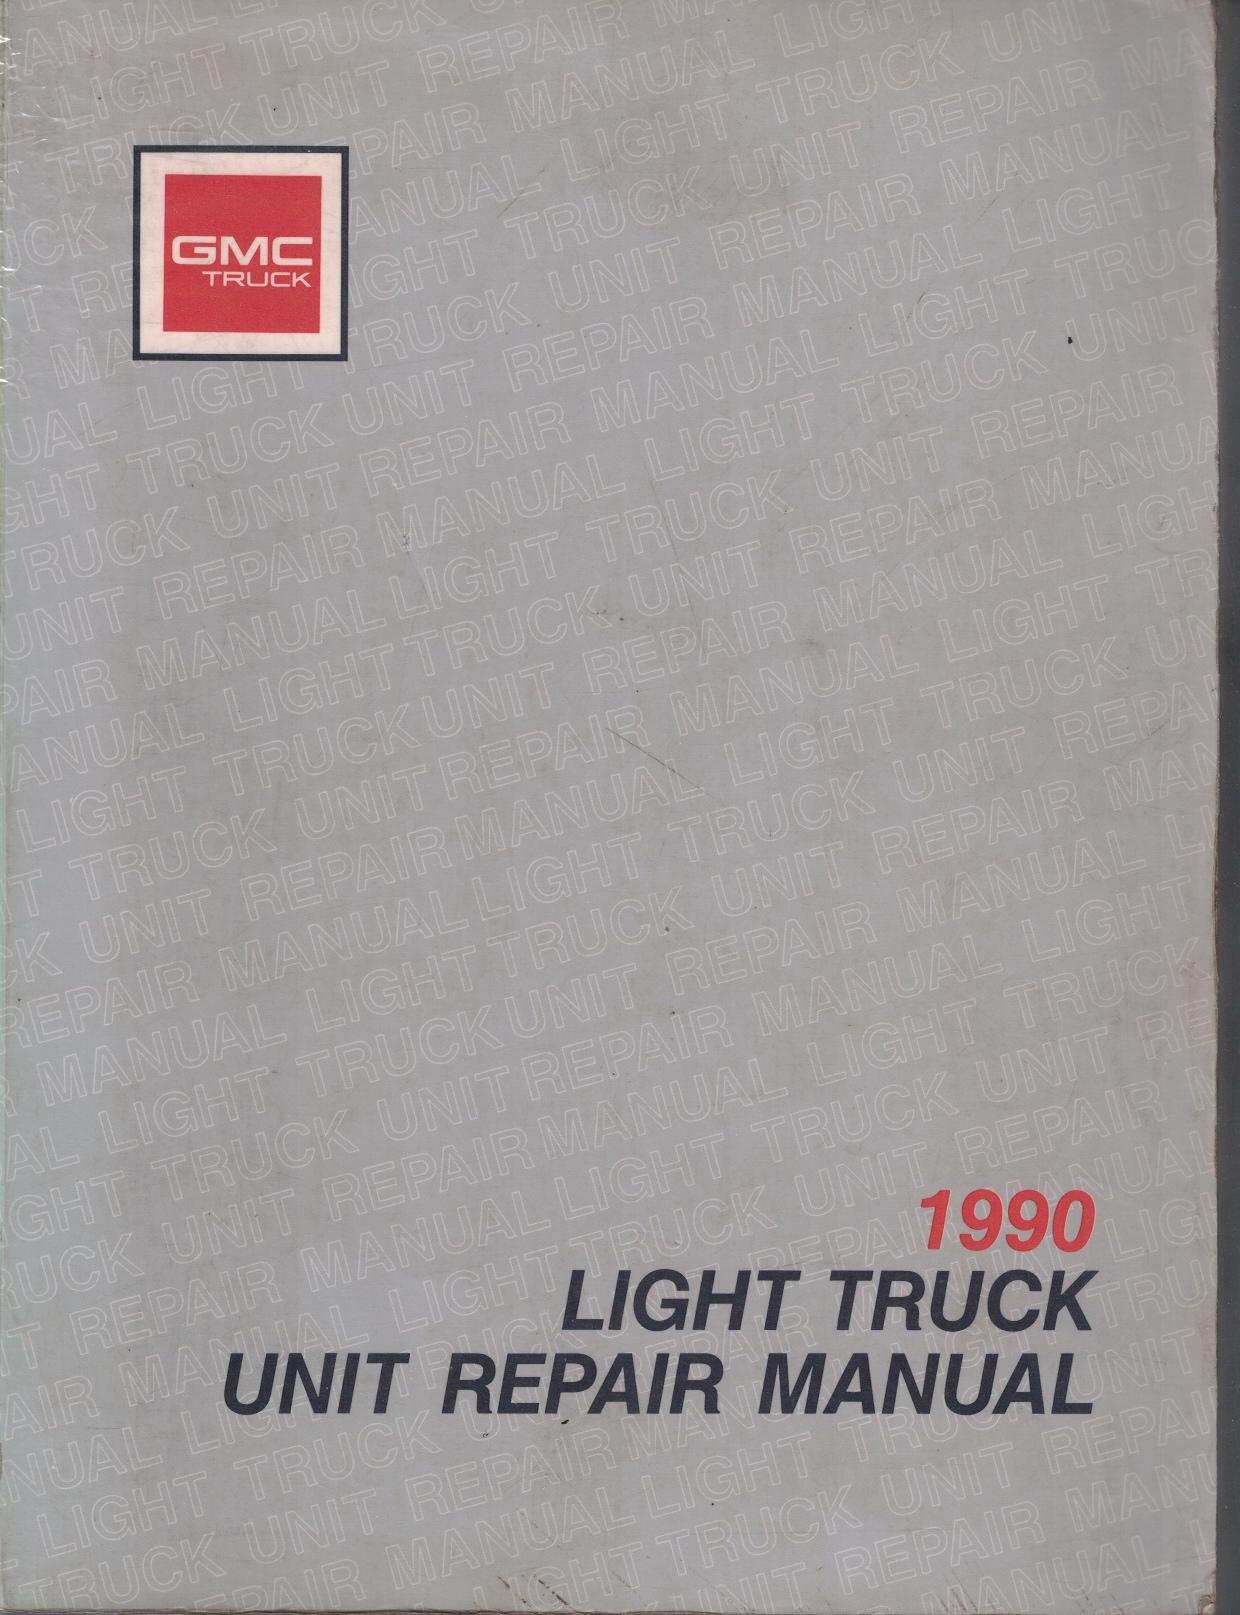 Image for 1990 GMC Light Truck Unit Repair Manual [Original Service Manual]